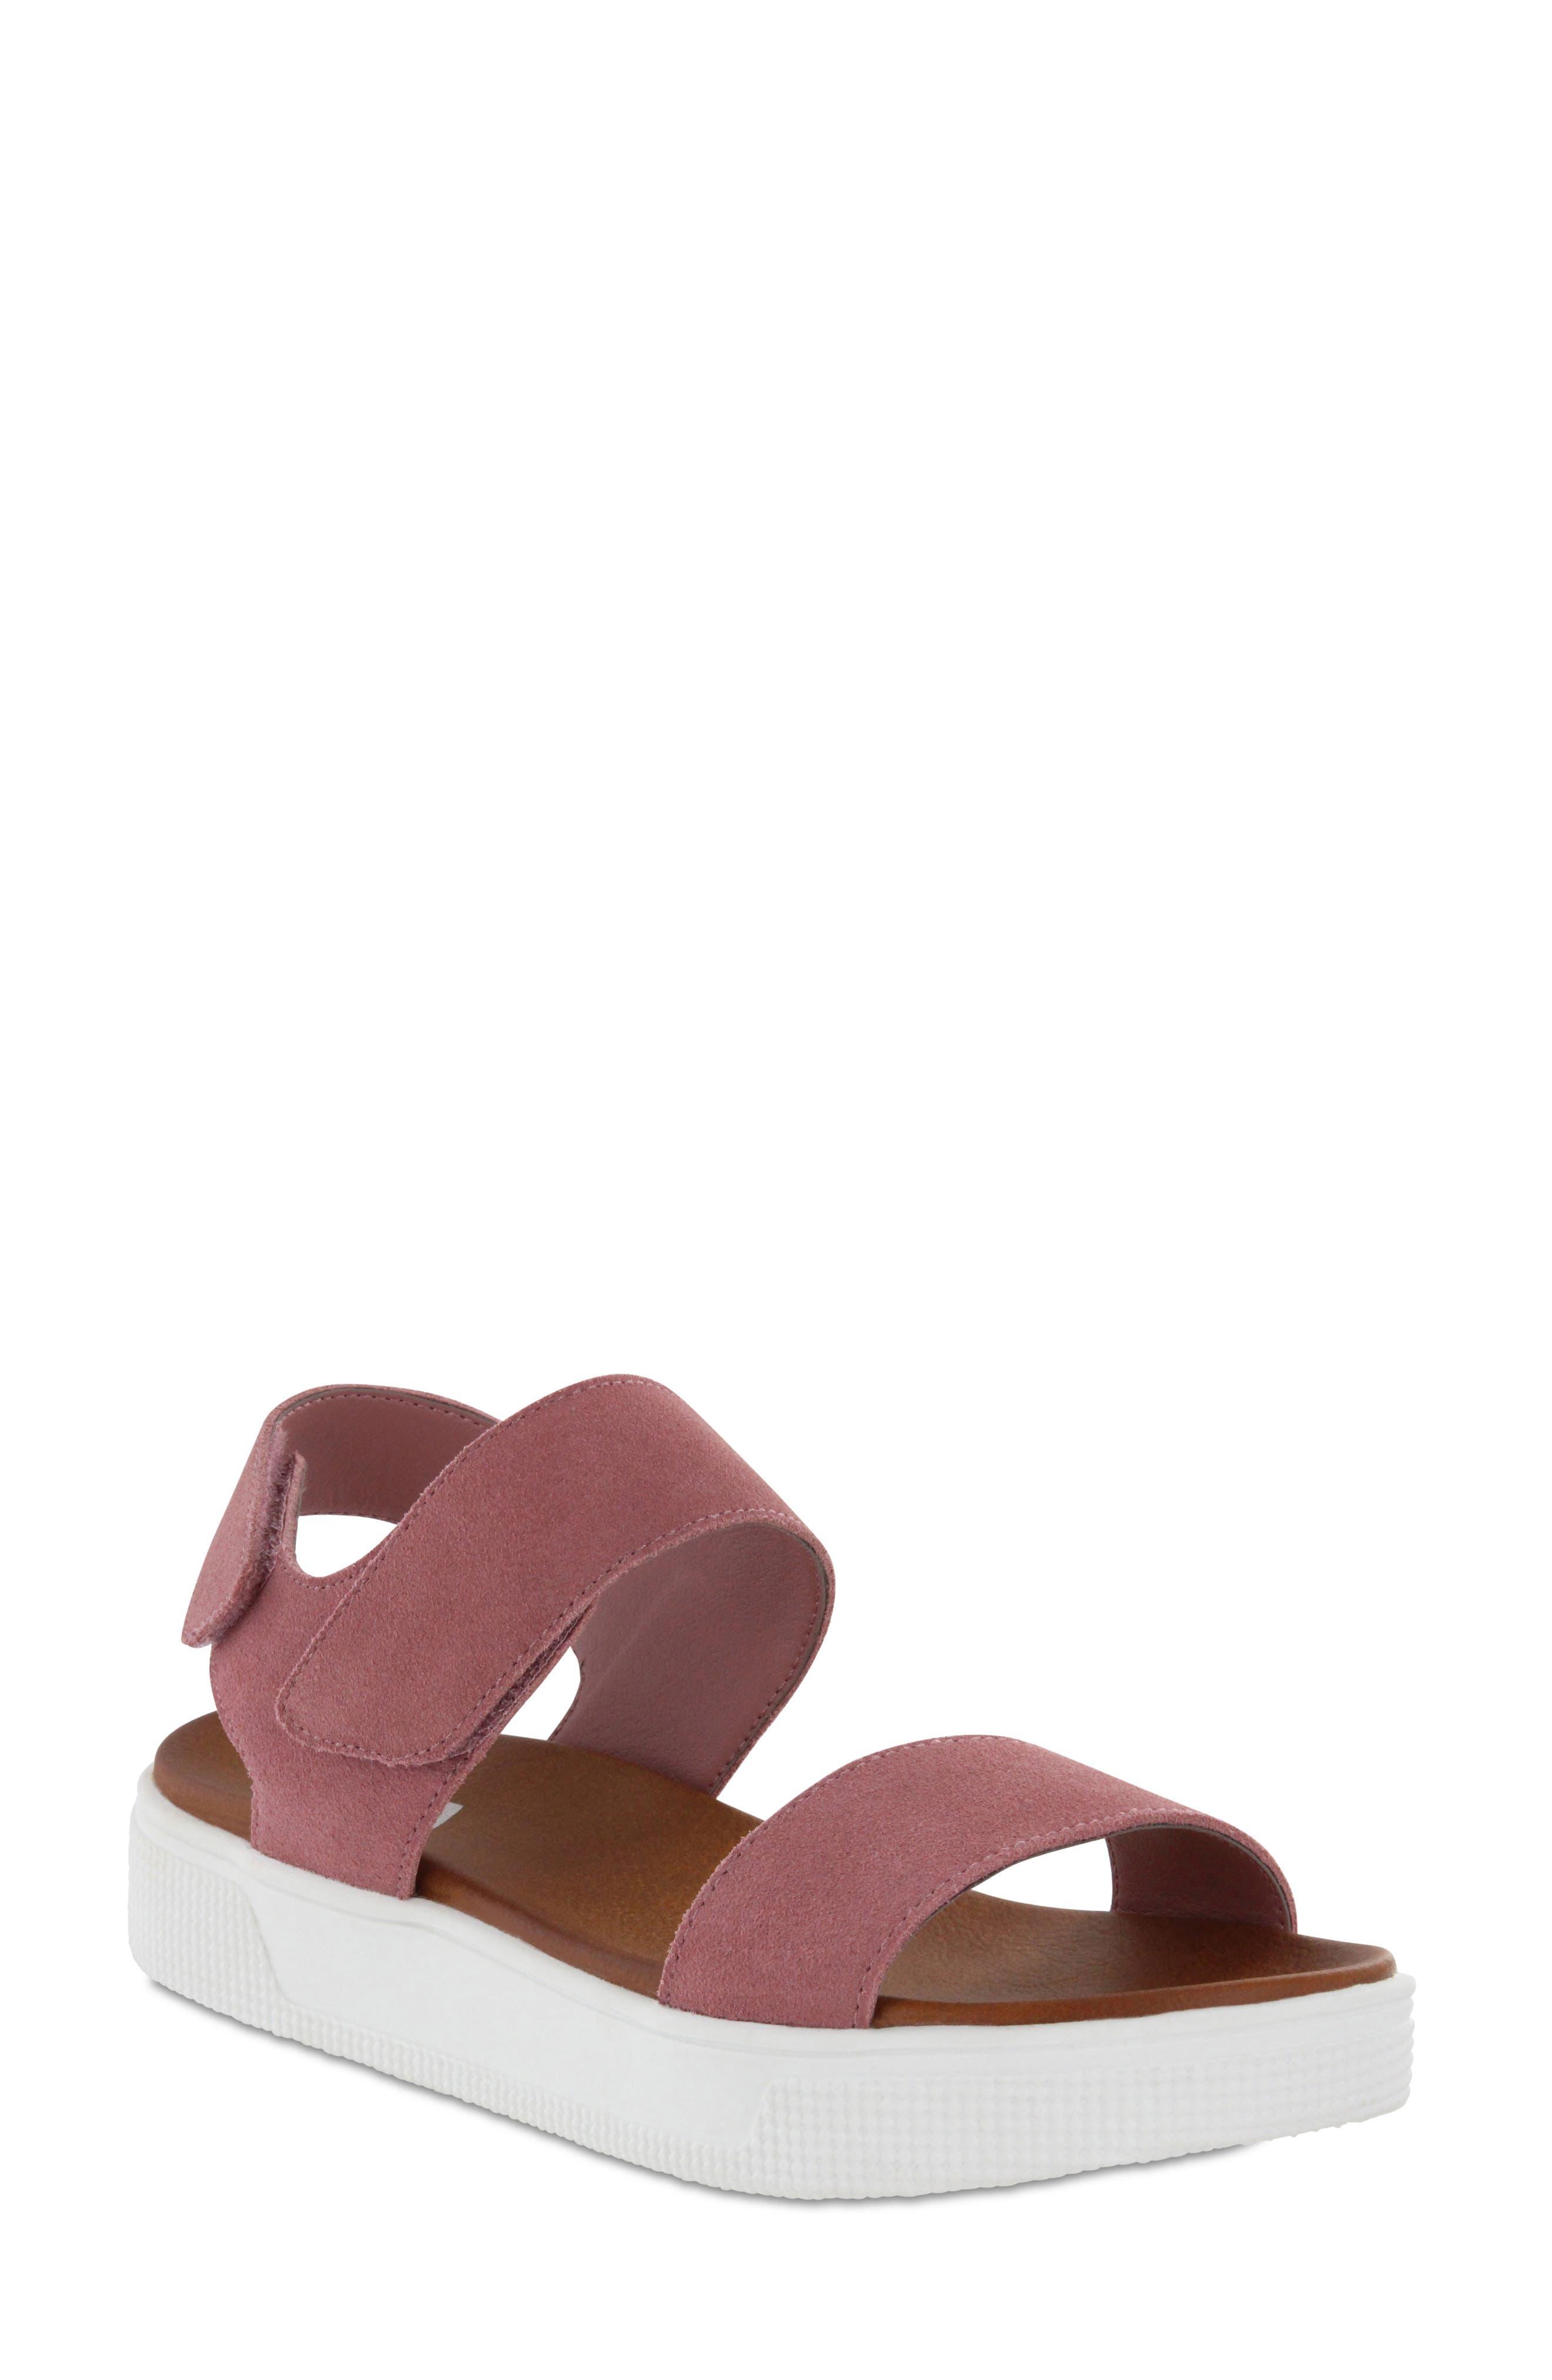 Troy Slingback Platform Sandal,                             Main thumbnail 1, color,                             Mauve Suede